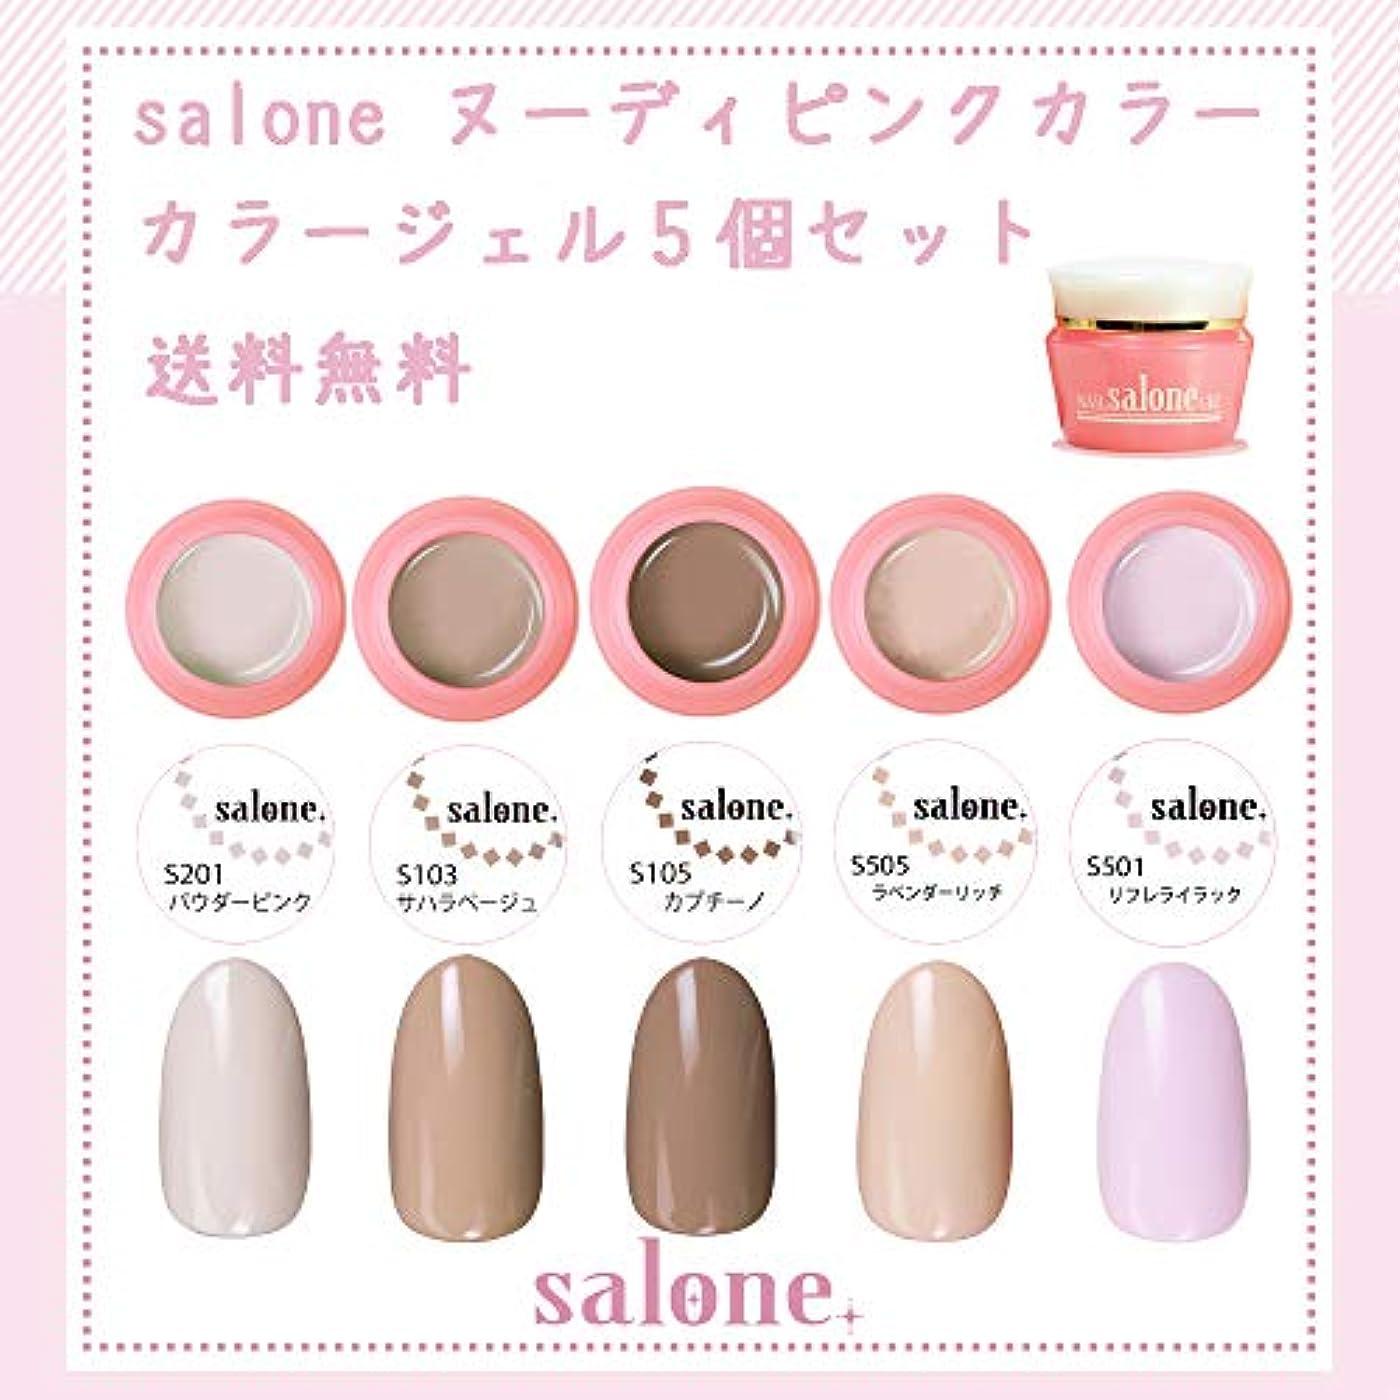 勃起誰の外観【送料無料 日本製】Salone ヌーディピンク カラージェル5個セット サロンで人気のピンクベースの肌馴染みの良い上品なヌーディカラー